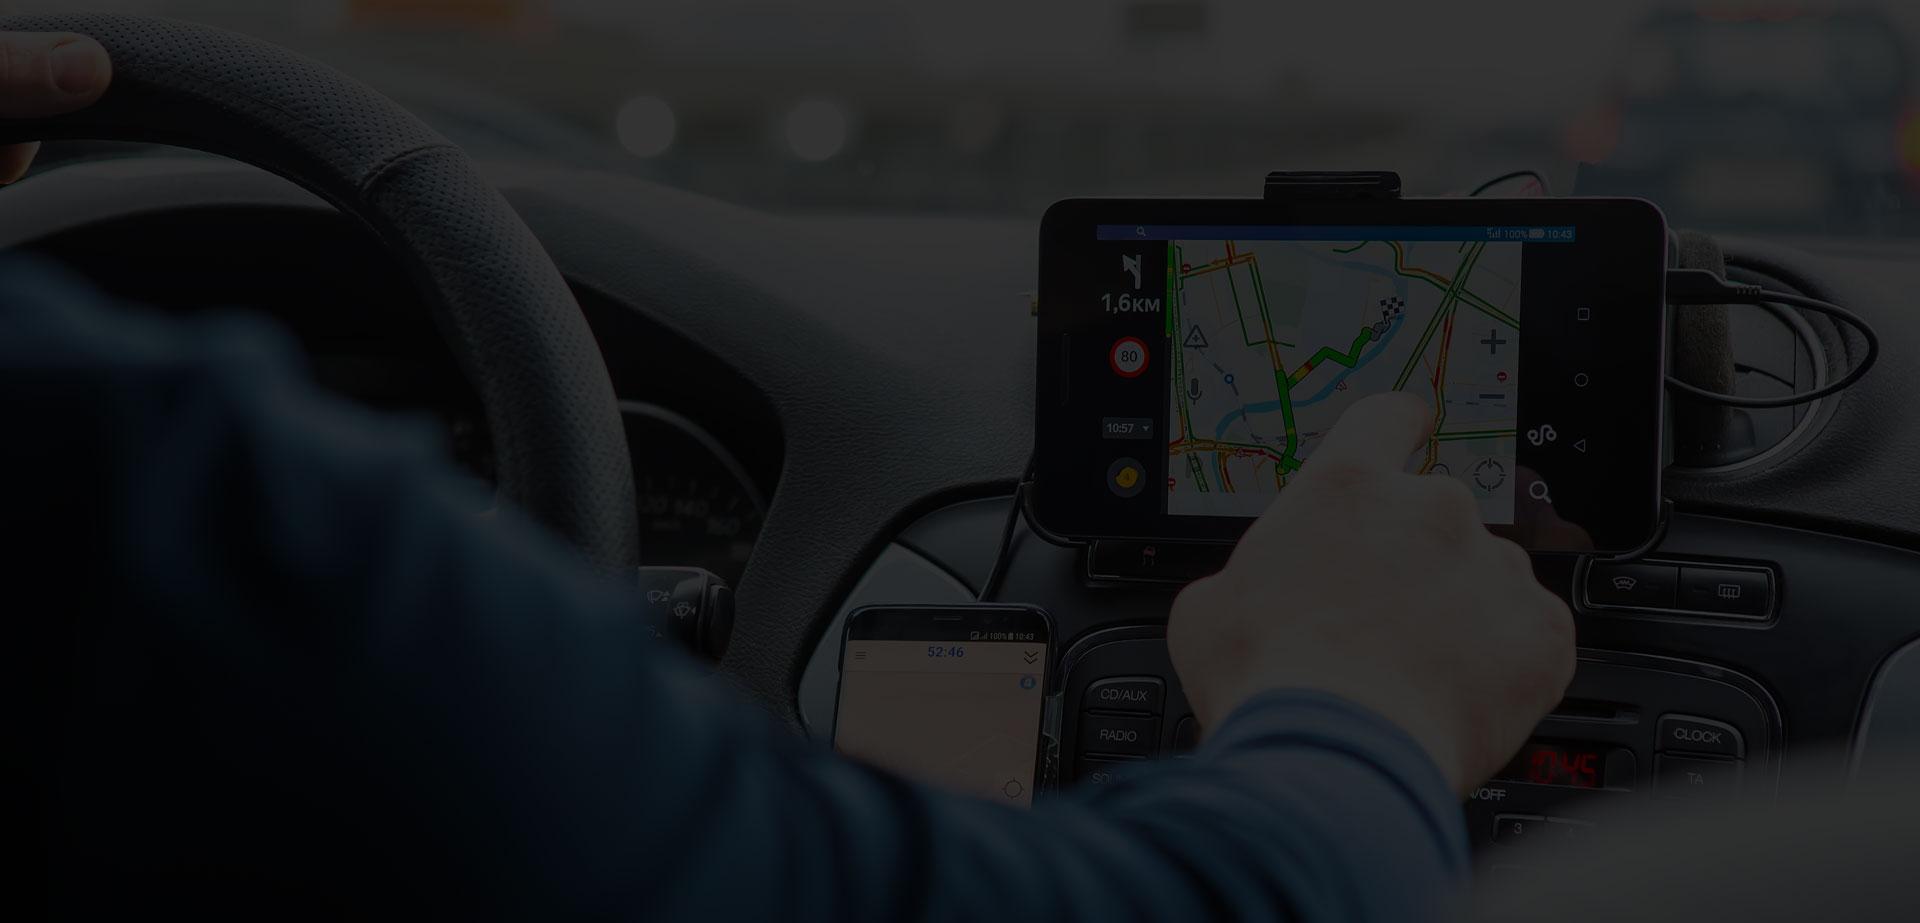 géolocalisation et les traceurs GPS